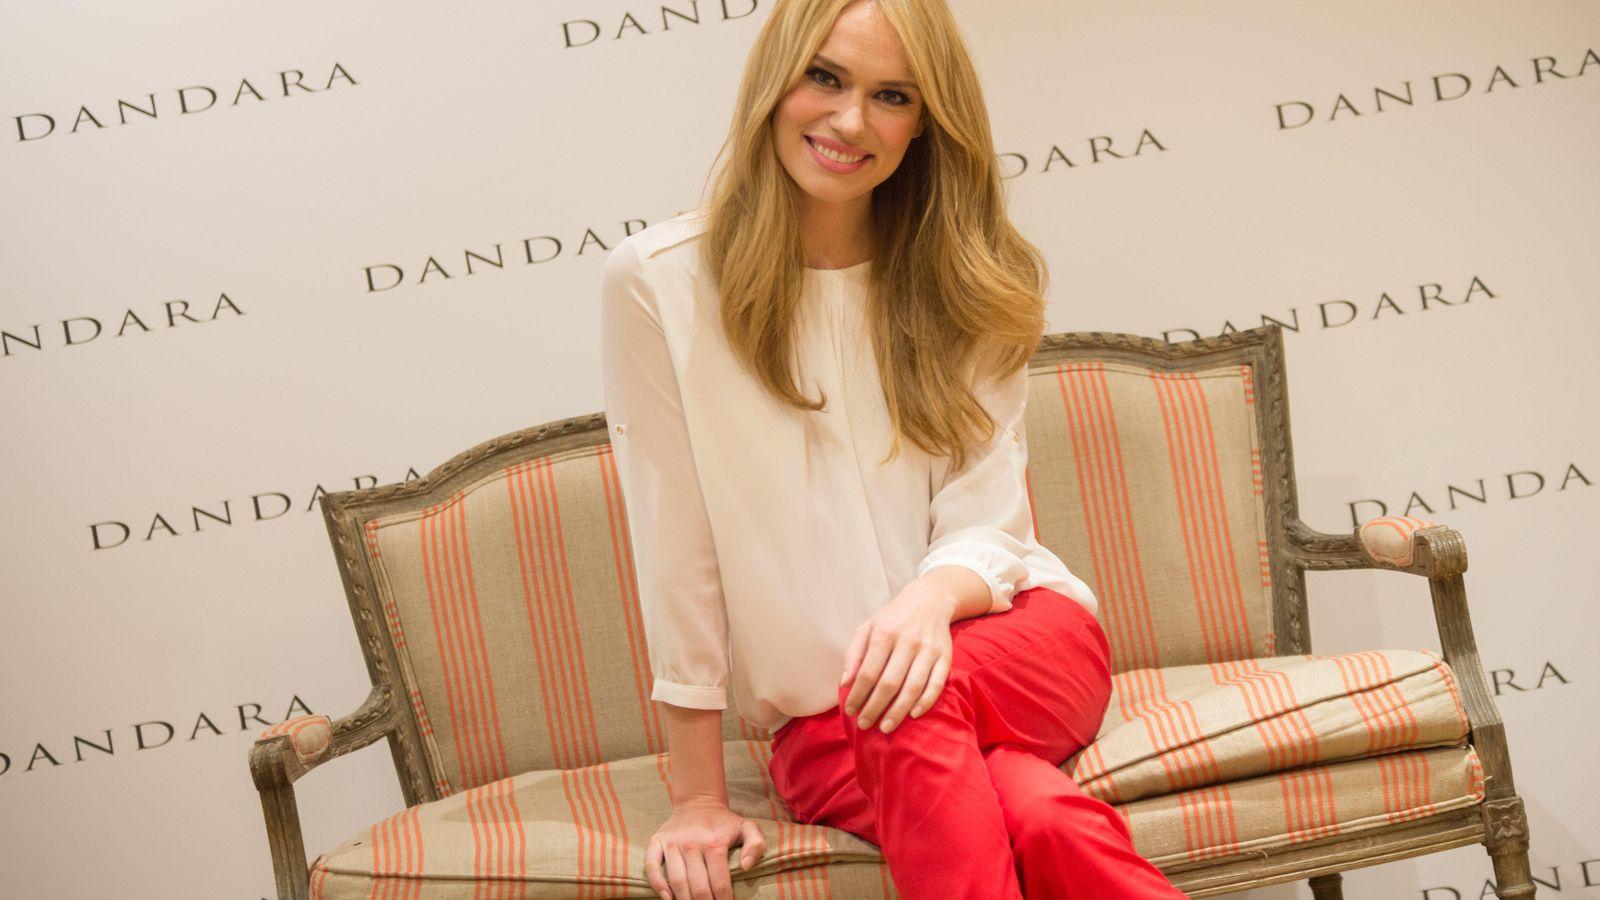 5b07d48f8 Dándara  Patricia Conde  Me compraba vestidos de miles de euros de tres en  tres